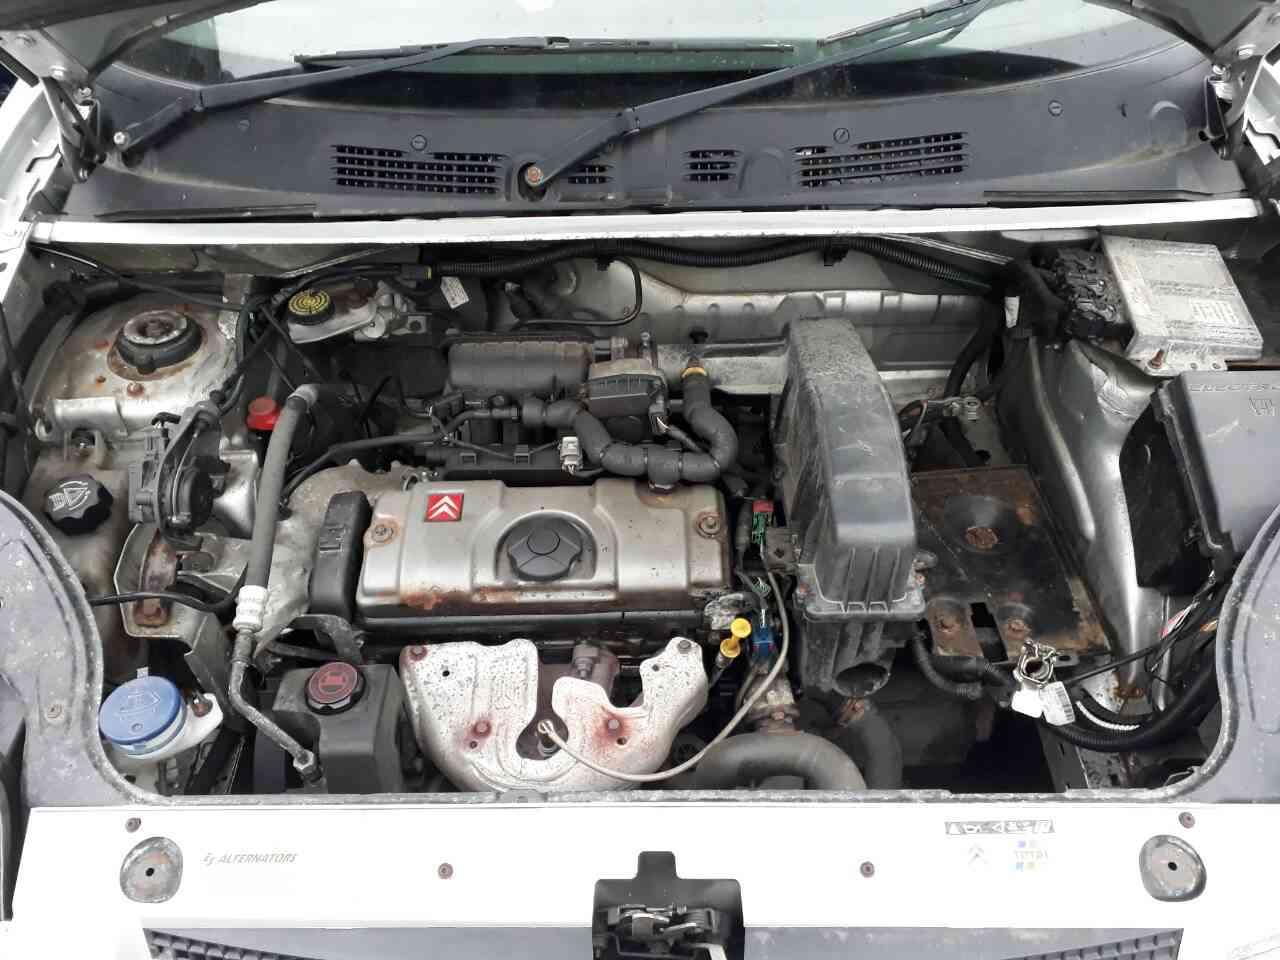 ситроен берлинго фото двигателя очень